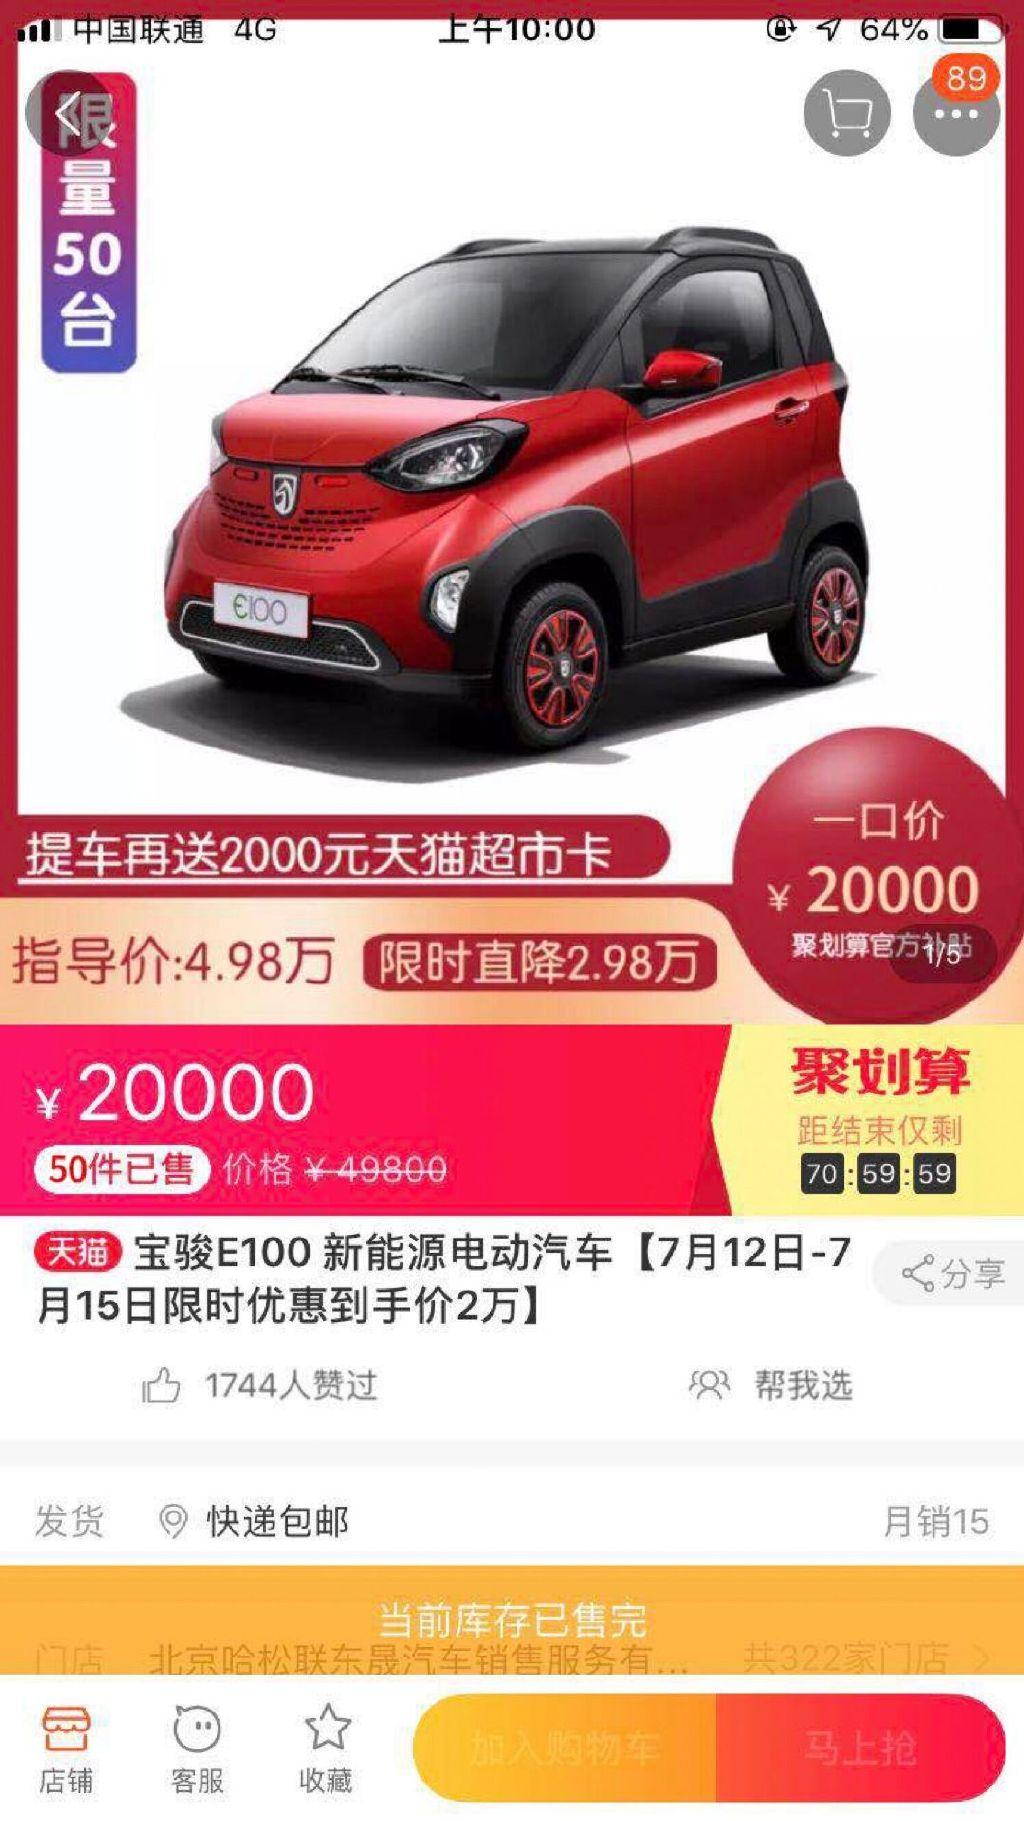 继五菱宏光后,拼多多再卖车!这次是新能源电动汽车